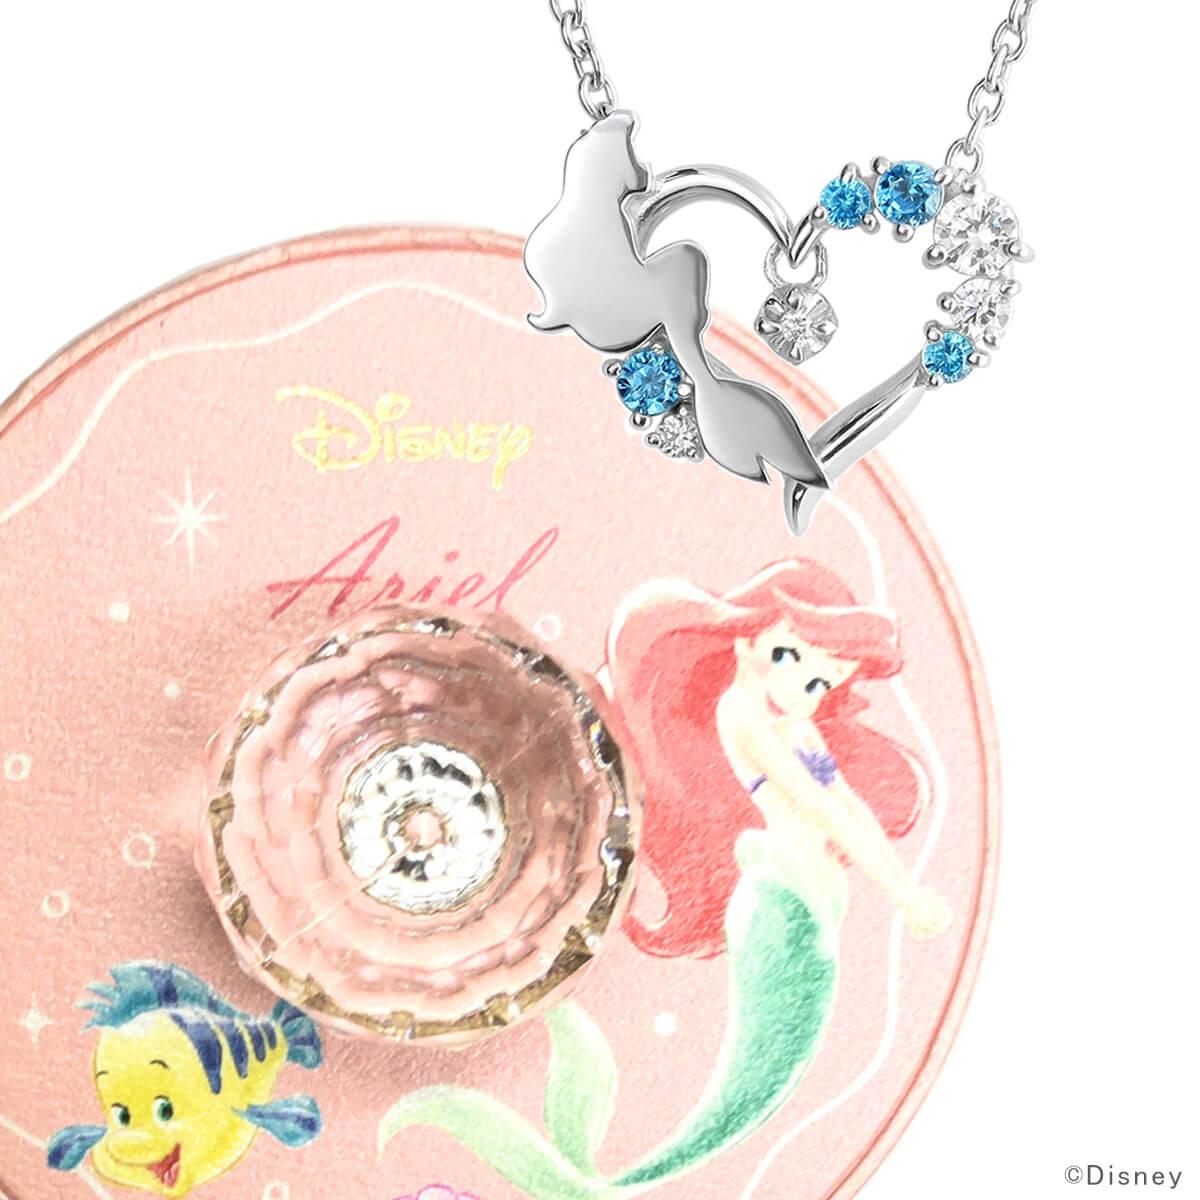 ディズニー アリエル ネックレス リトルマーメイド 数量限定 人気 ダイヤモンド ドロップ Disney プリンセス グッズ プレゼント 誕生日 レディース